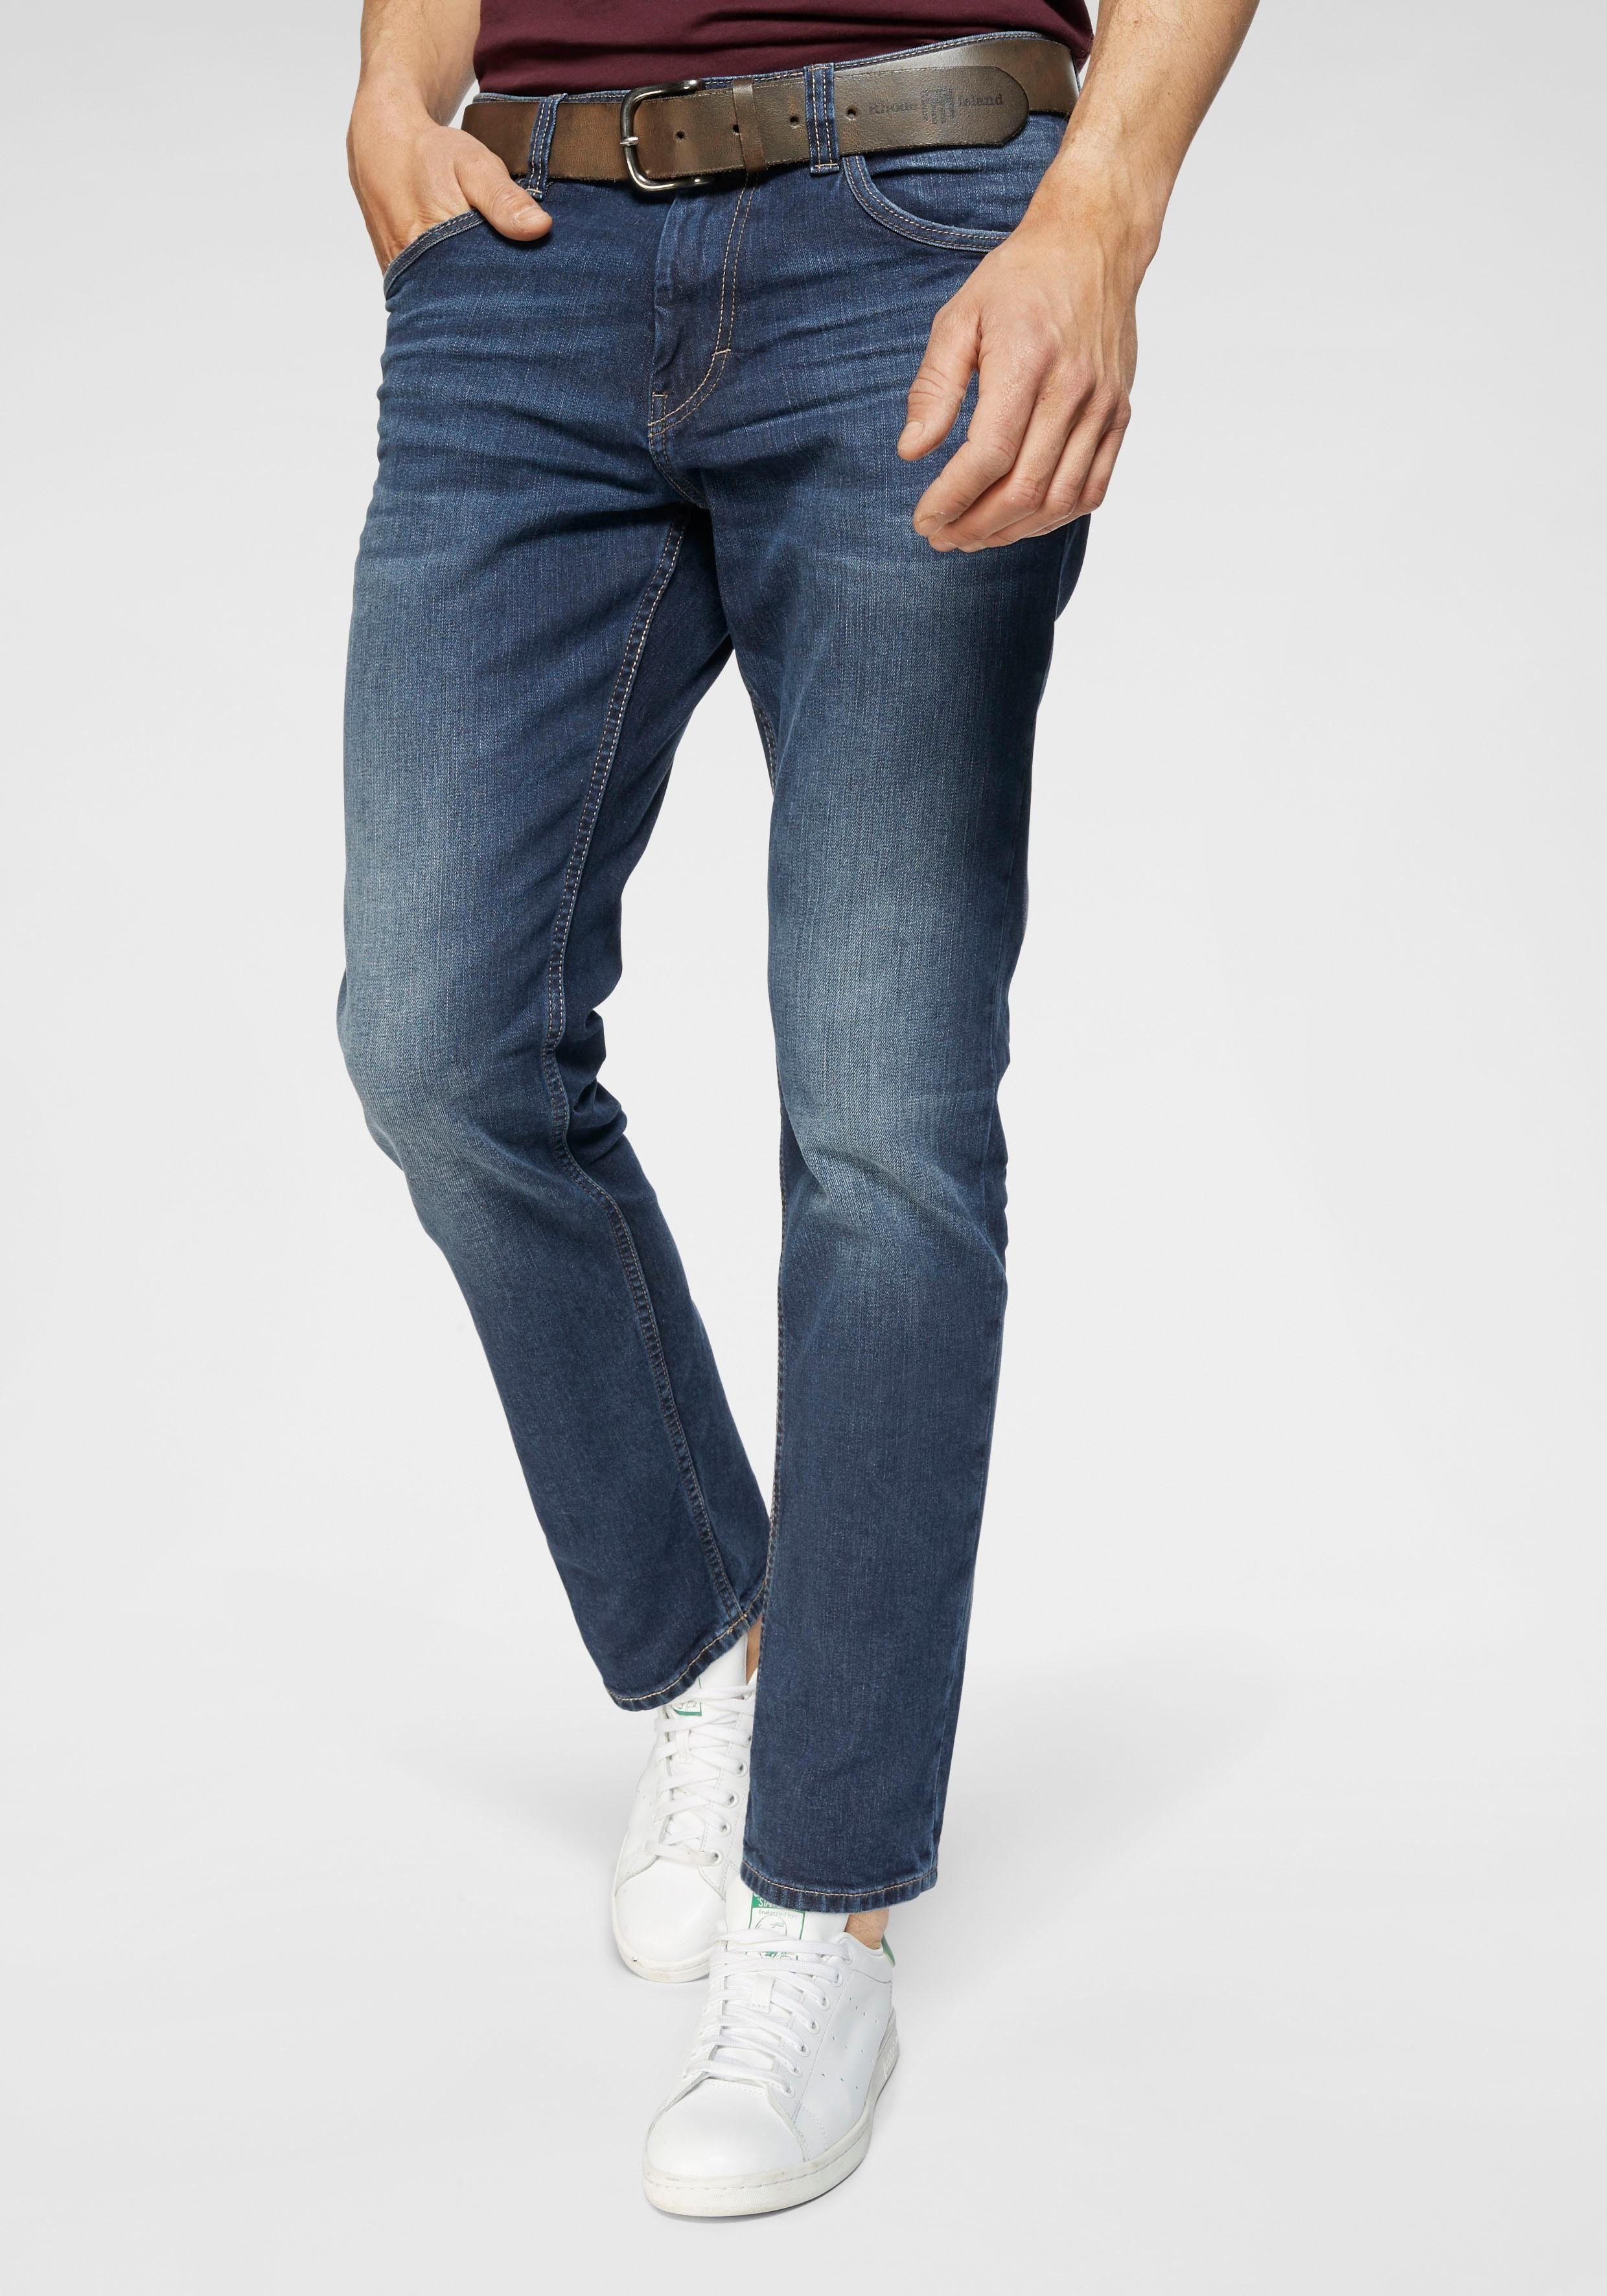 Tom Tailor 5 Pocket Jeans »Josh«, Klassisch mit fünf Taschen online kaufen | OTTO